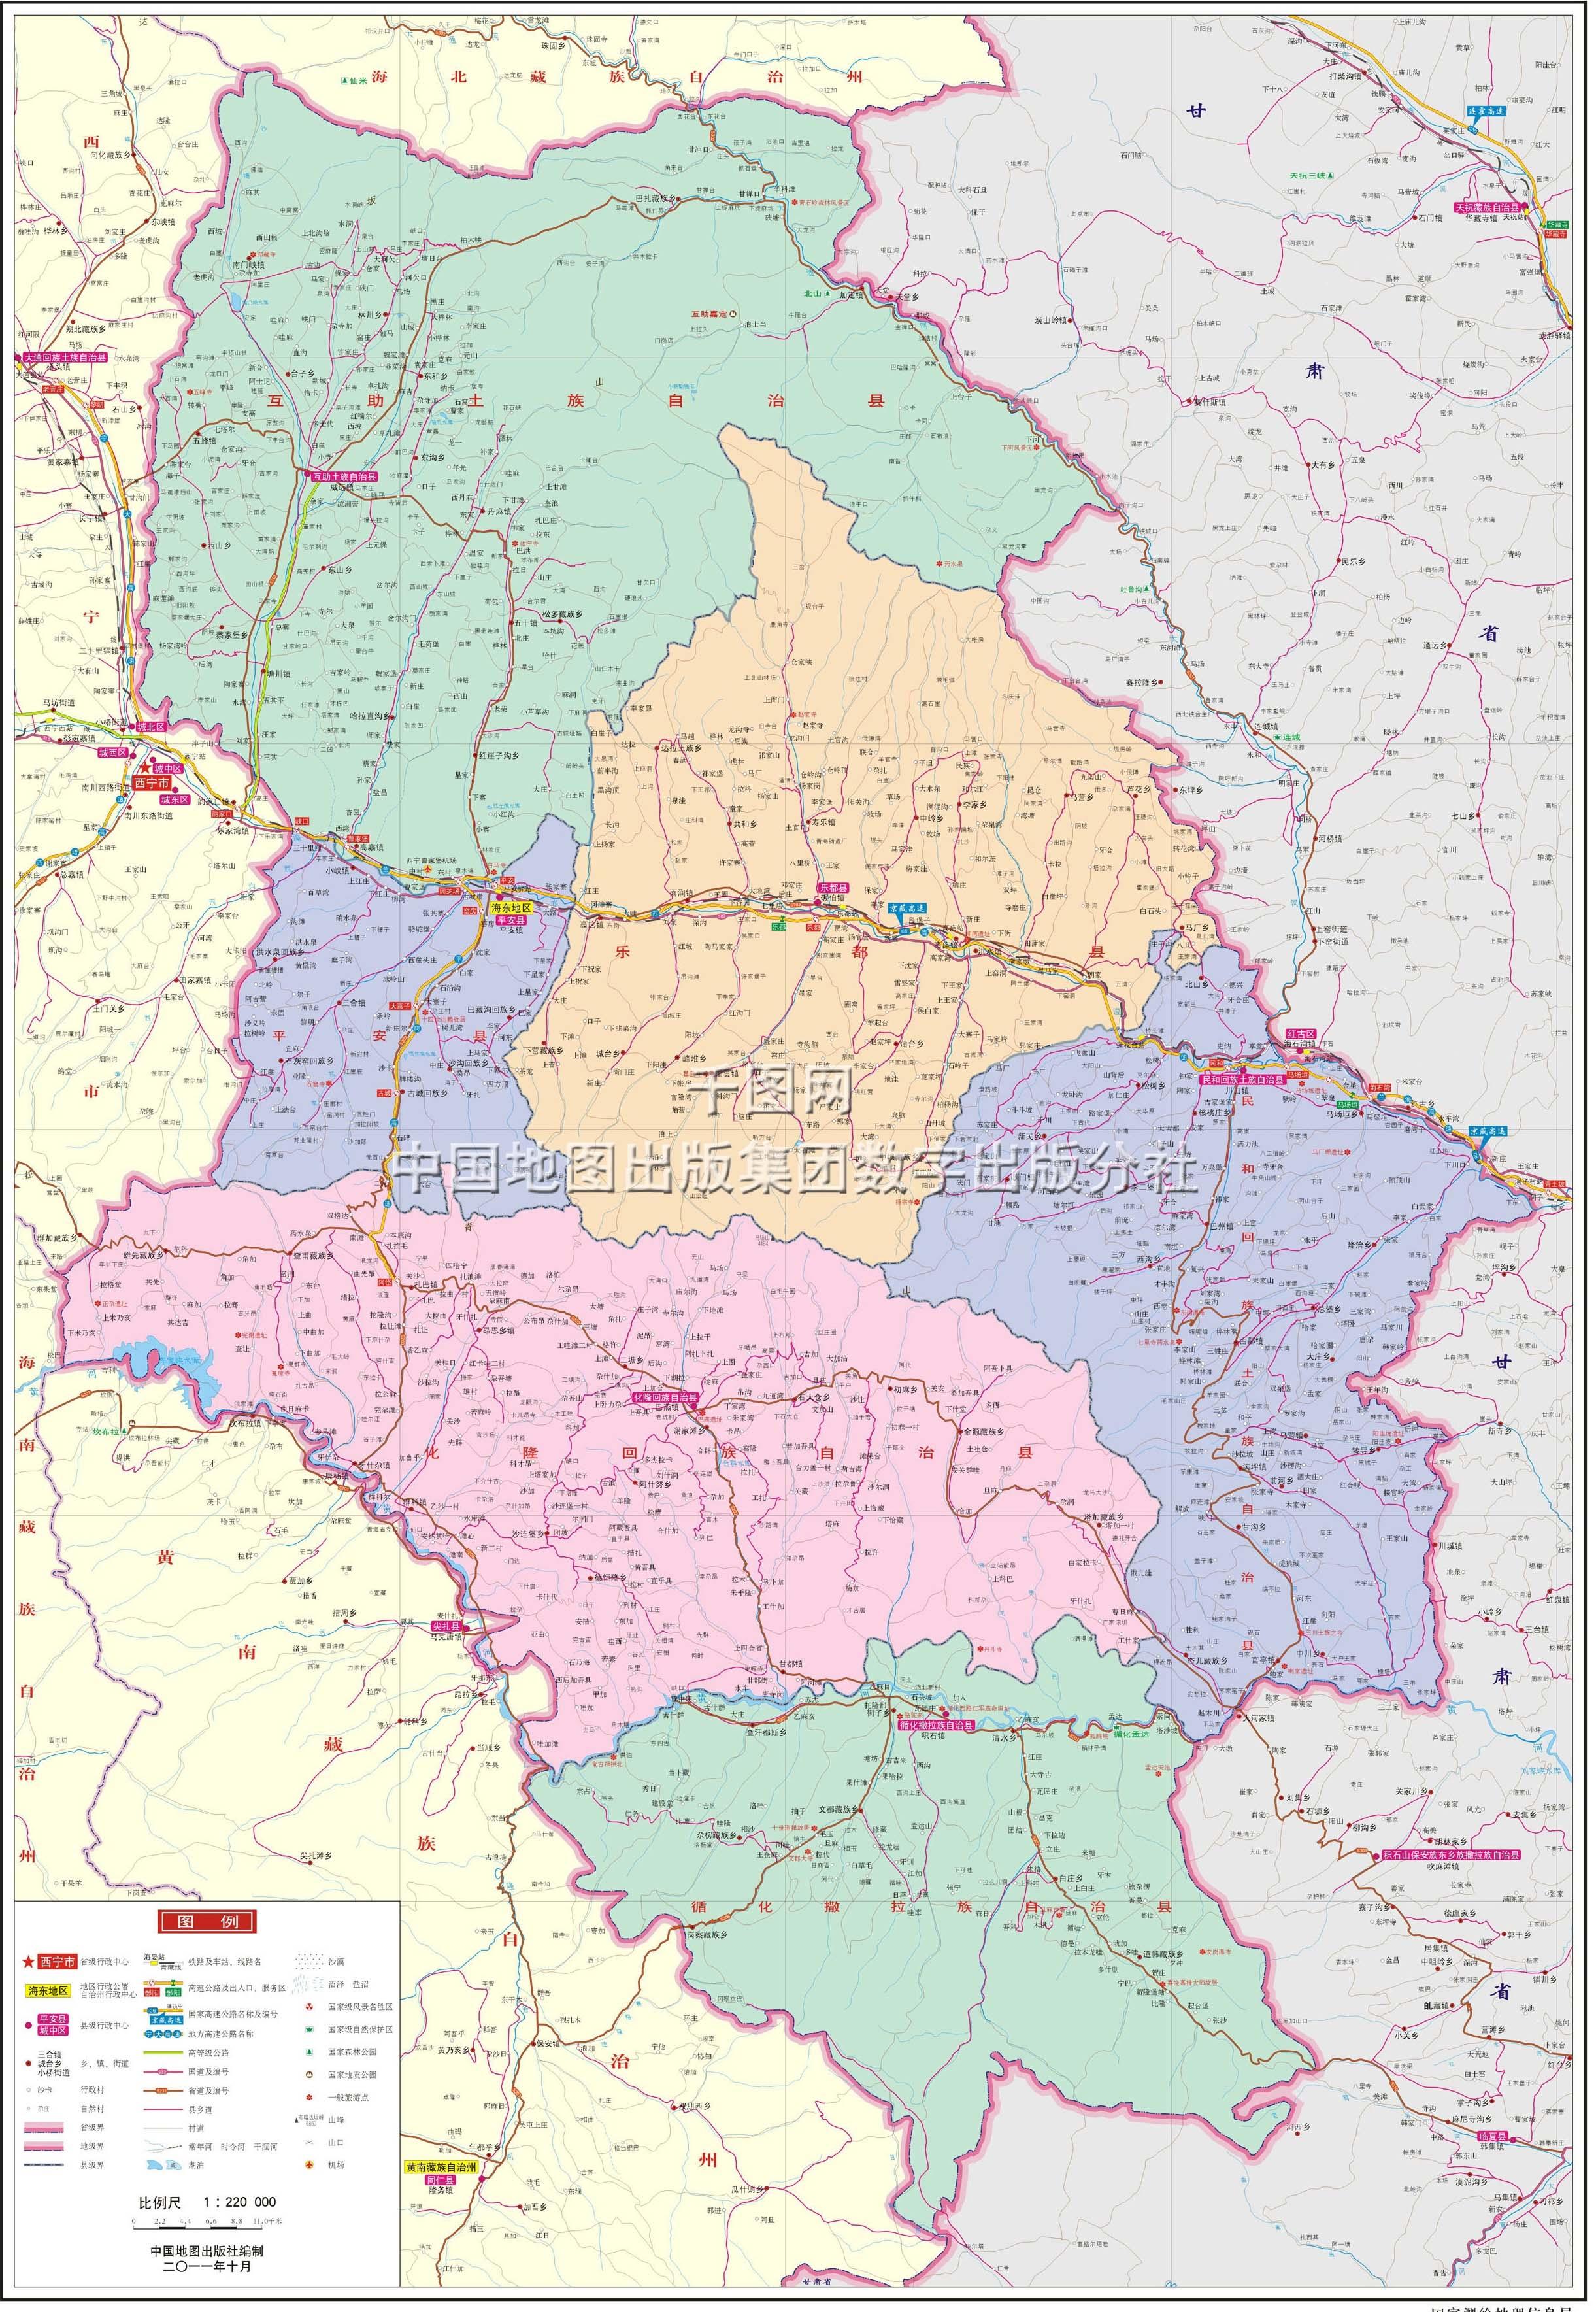 西宁市地图高清版 青海西宁市回族美女 西宁市城北区规划